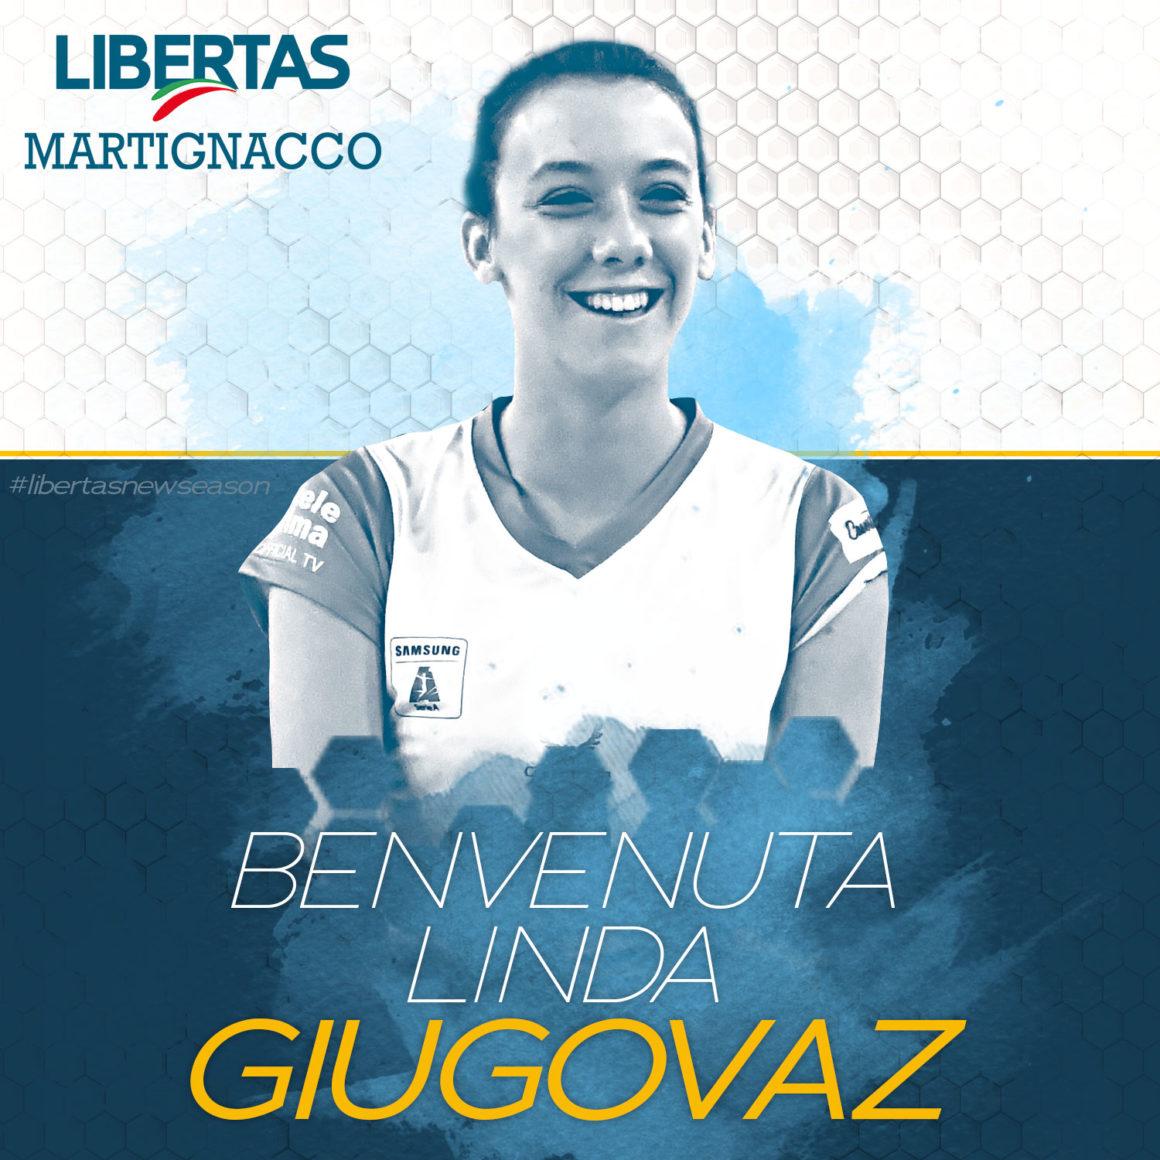 L'Itas Città Fiera riporta Linda Giugovaz in Fvg!